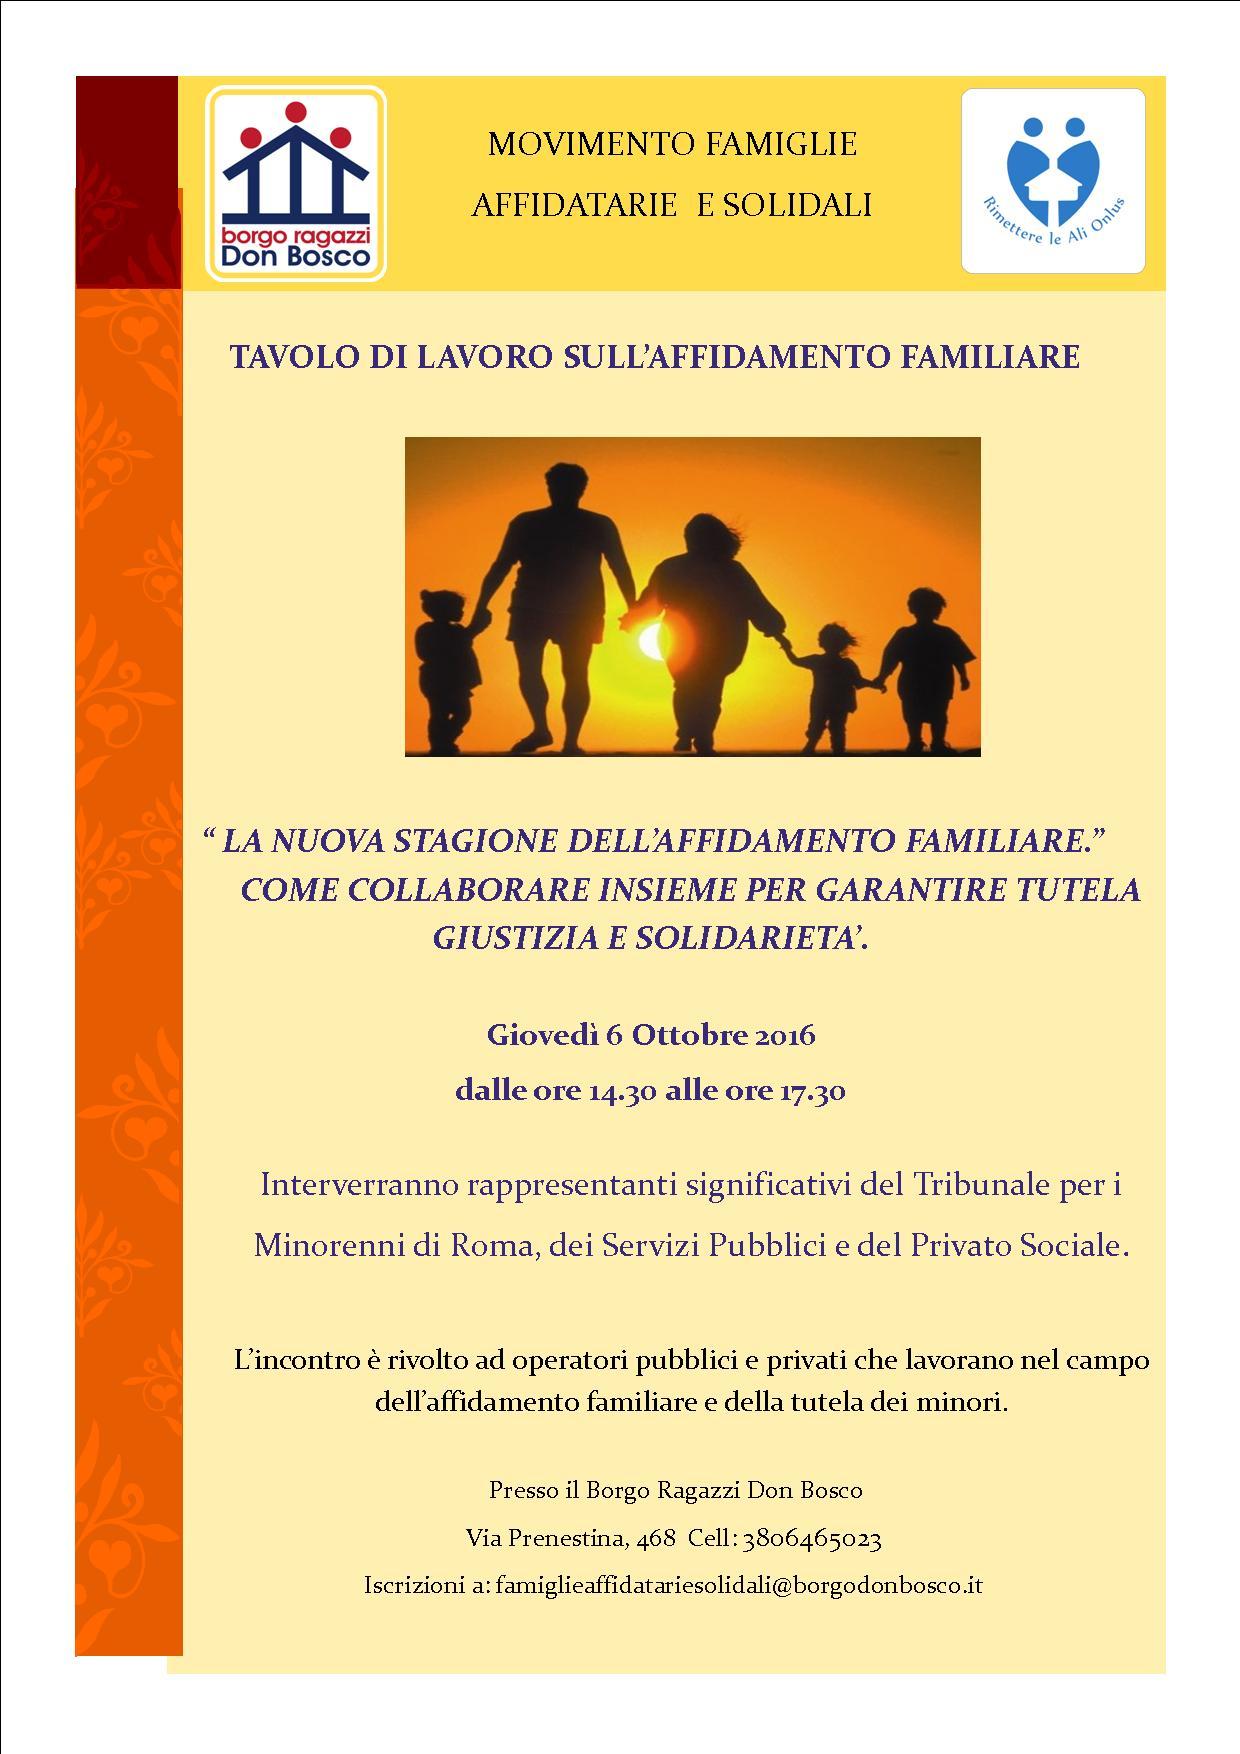 Il 6 ottobre ci sarà il tavolo di lavoro sull'affidamento familiare